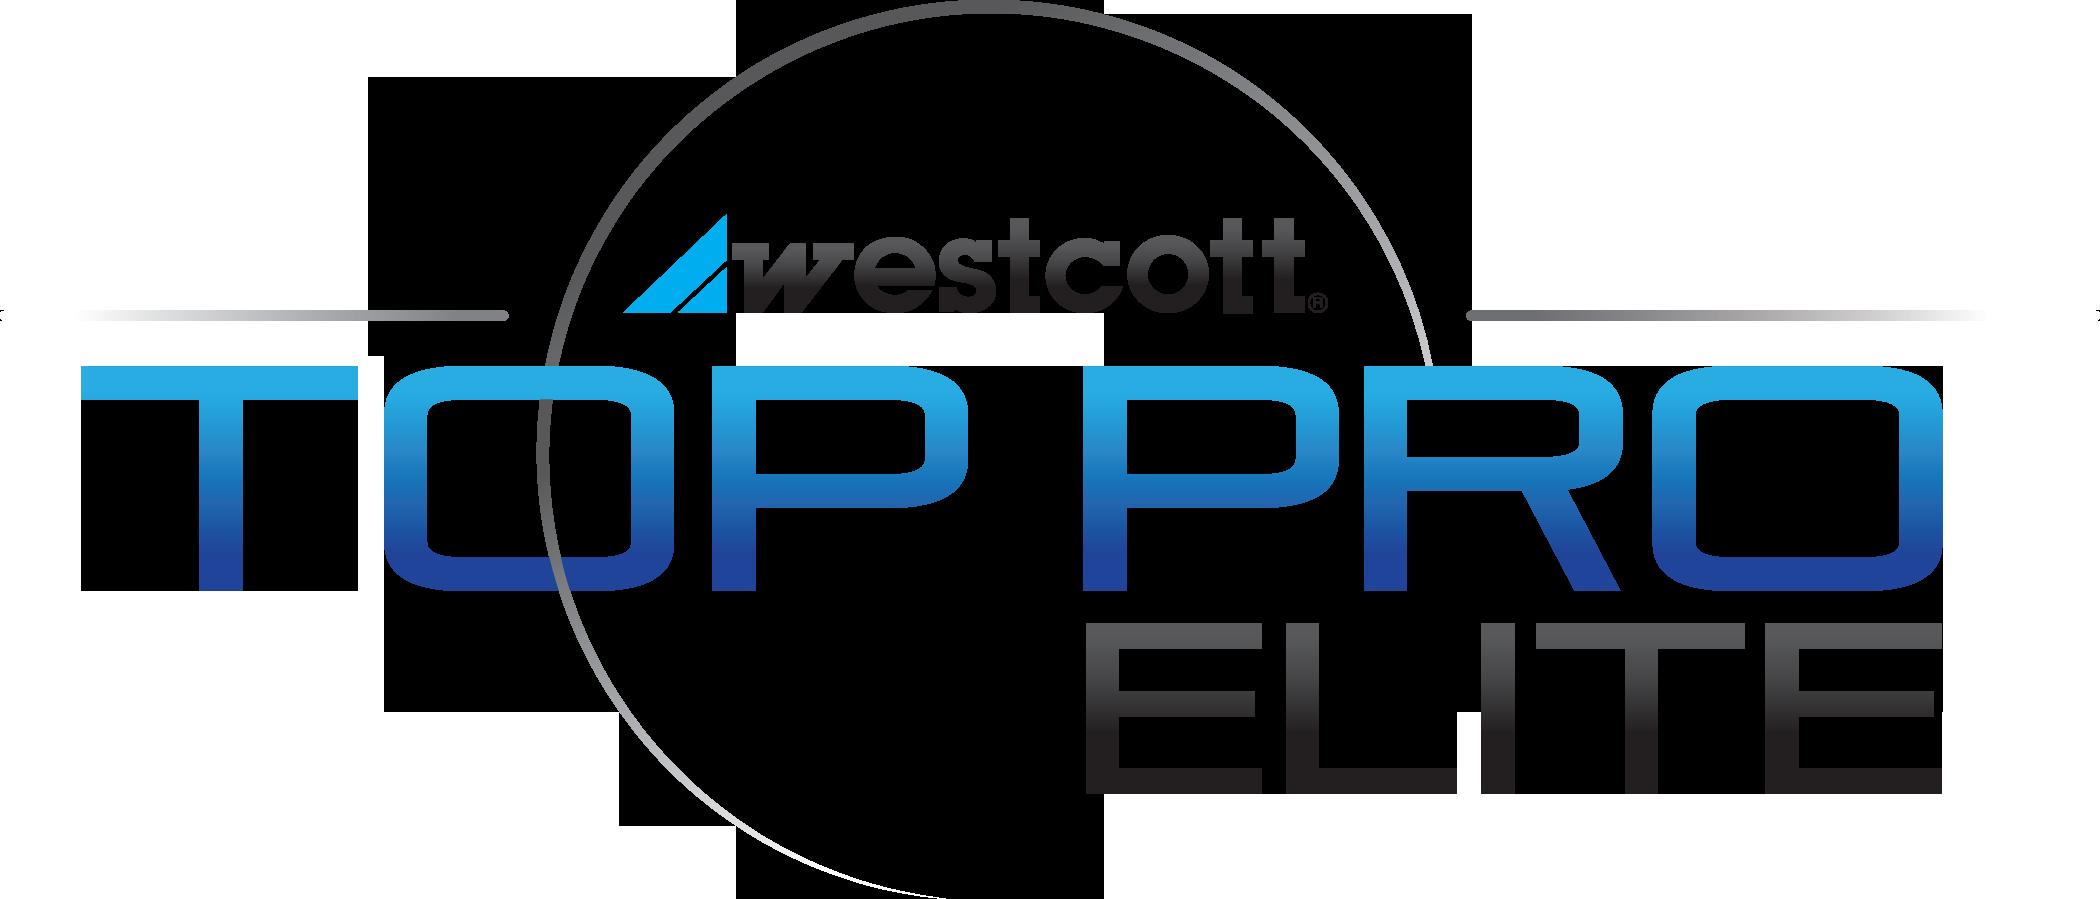 Westcott Top Pro Elite Photographer